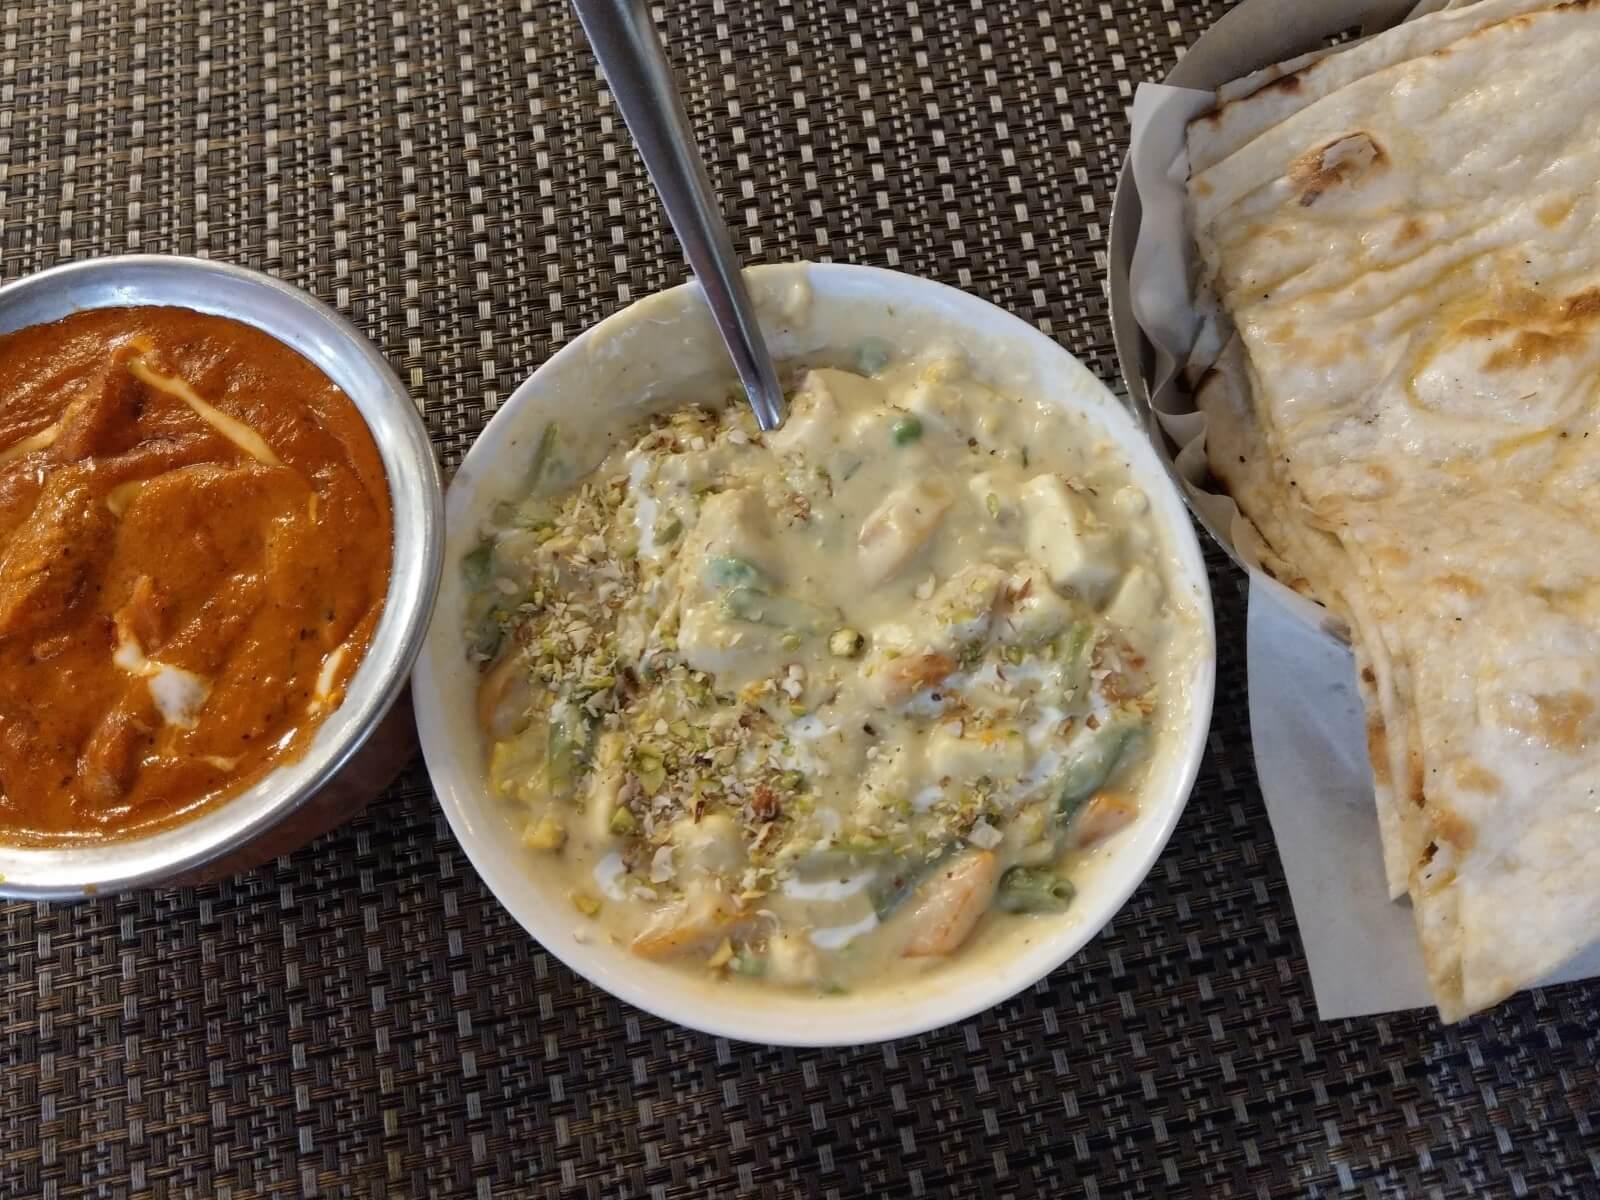 W indyjskiej kuchni zamias mięsa wykorzystuje się ser twarogowy - panir.